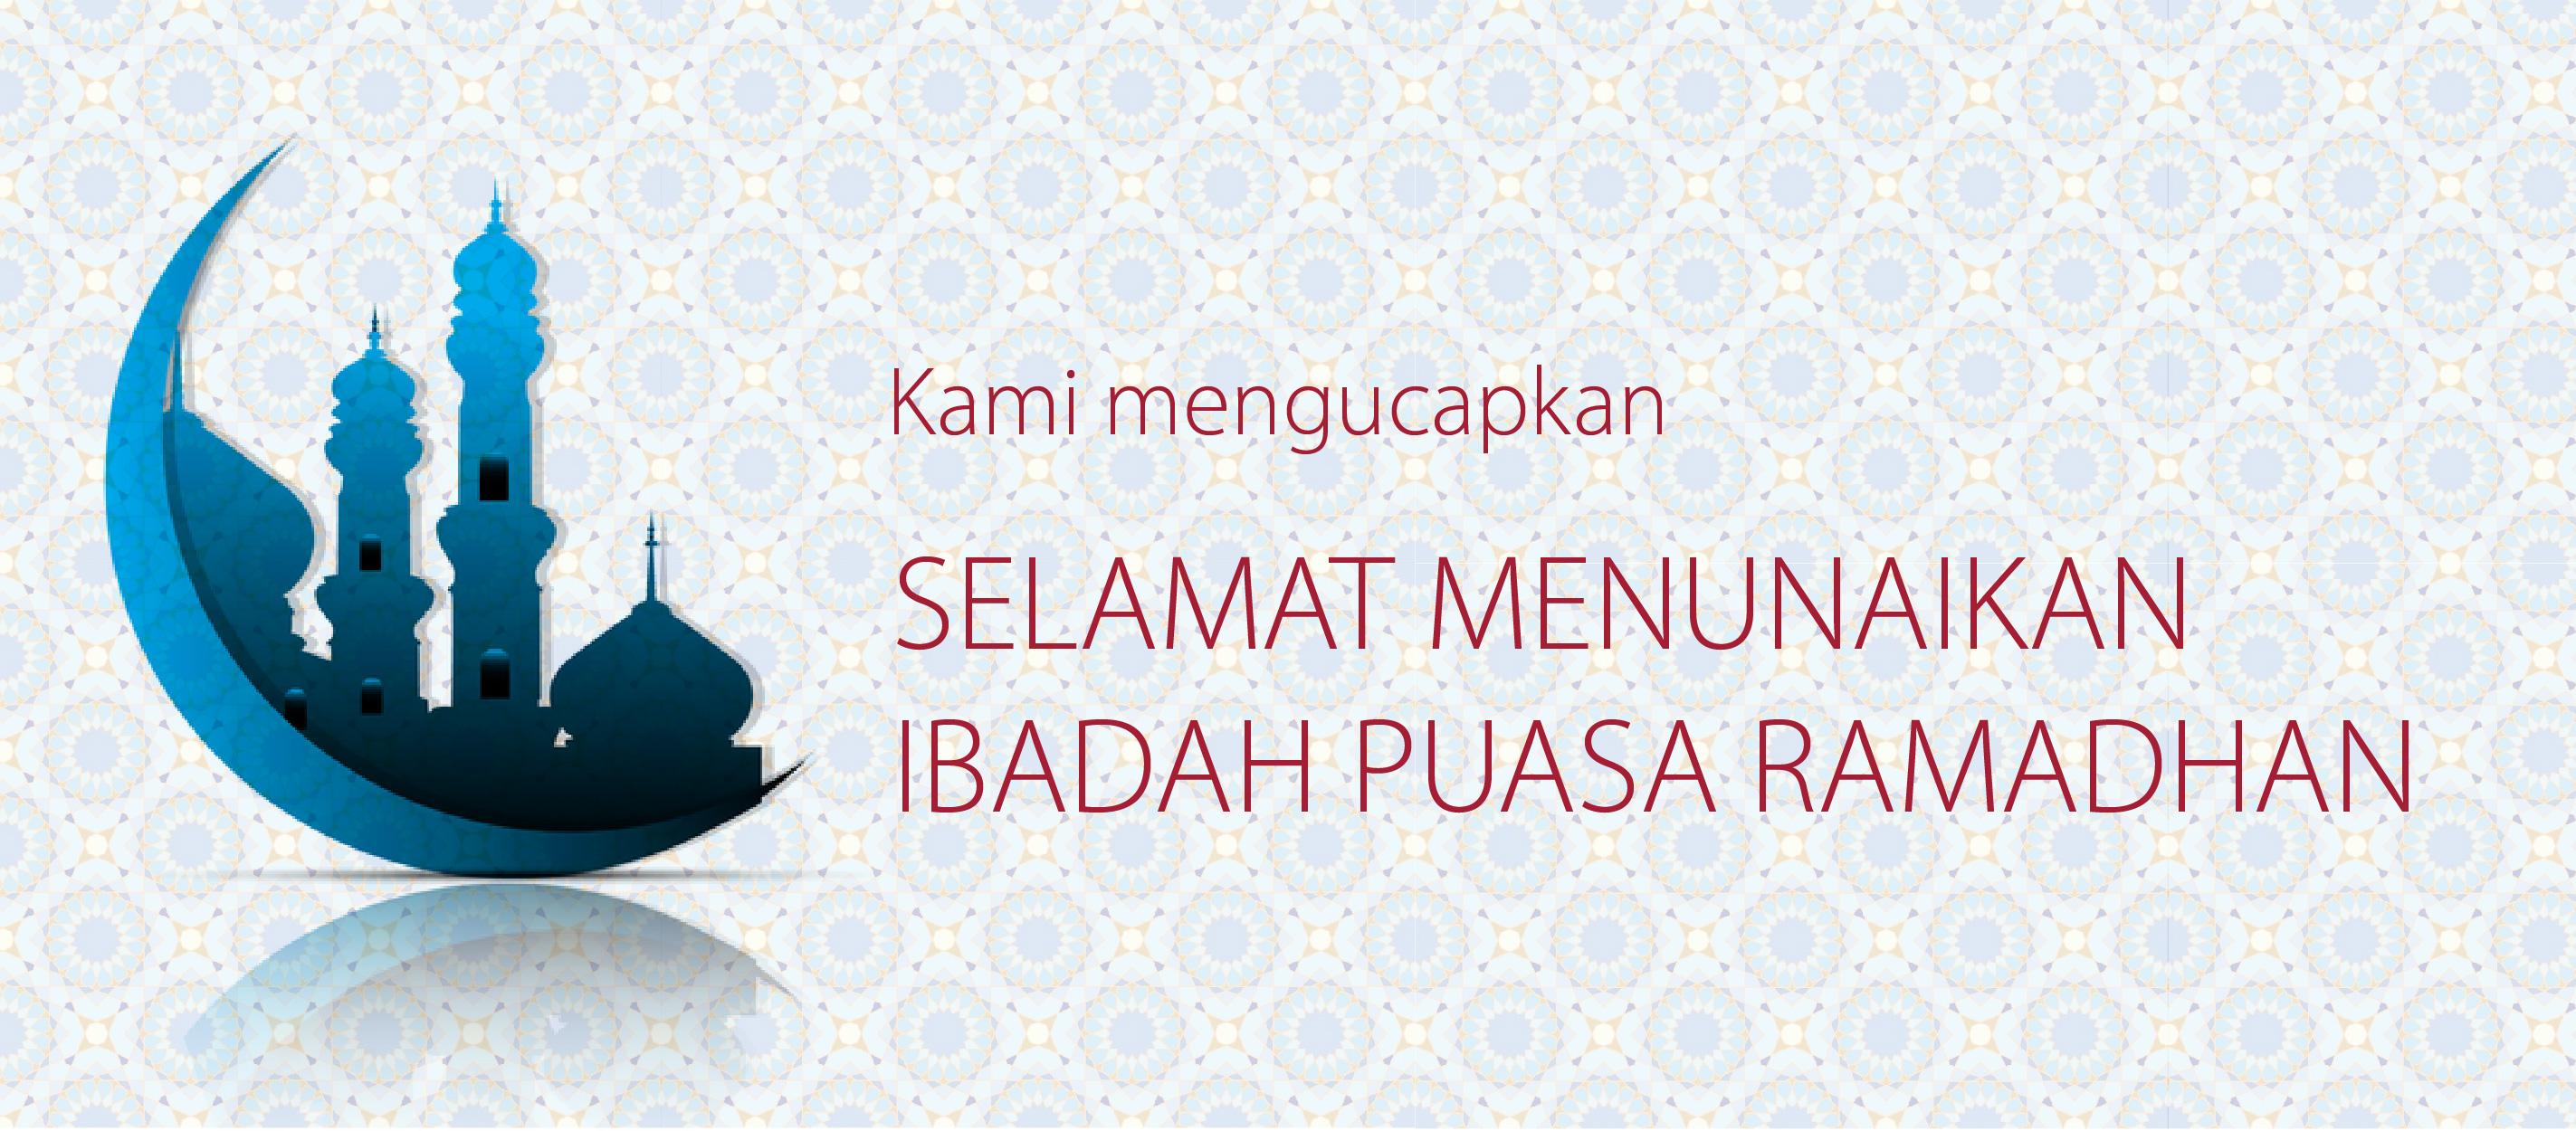 Puasa Ramadhan 1438 Hijriah